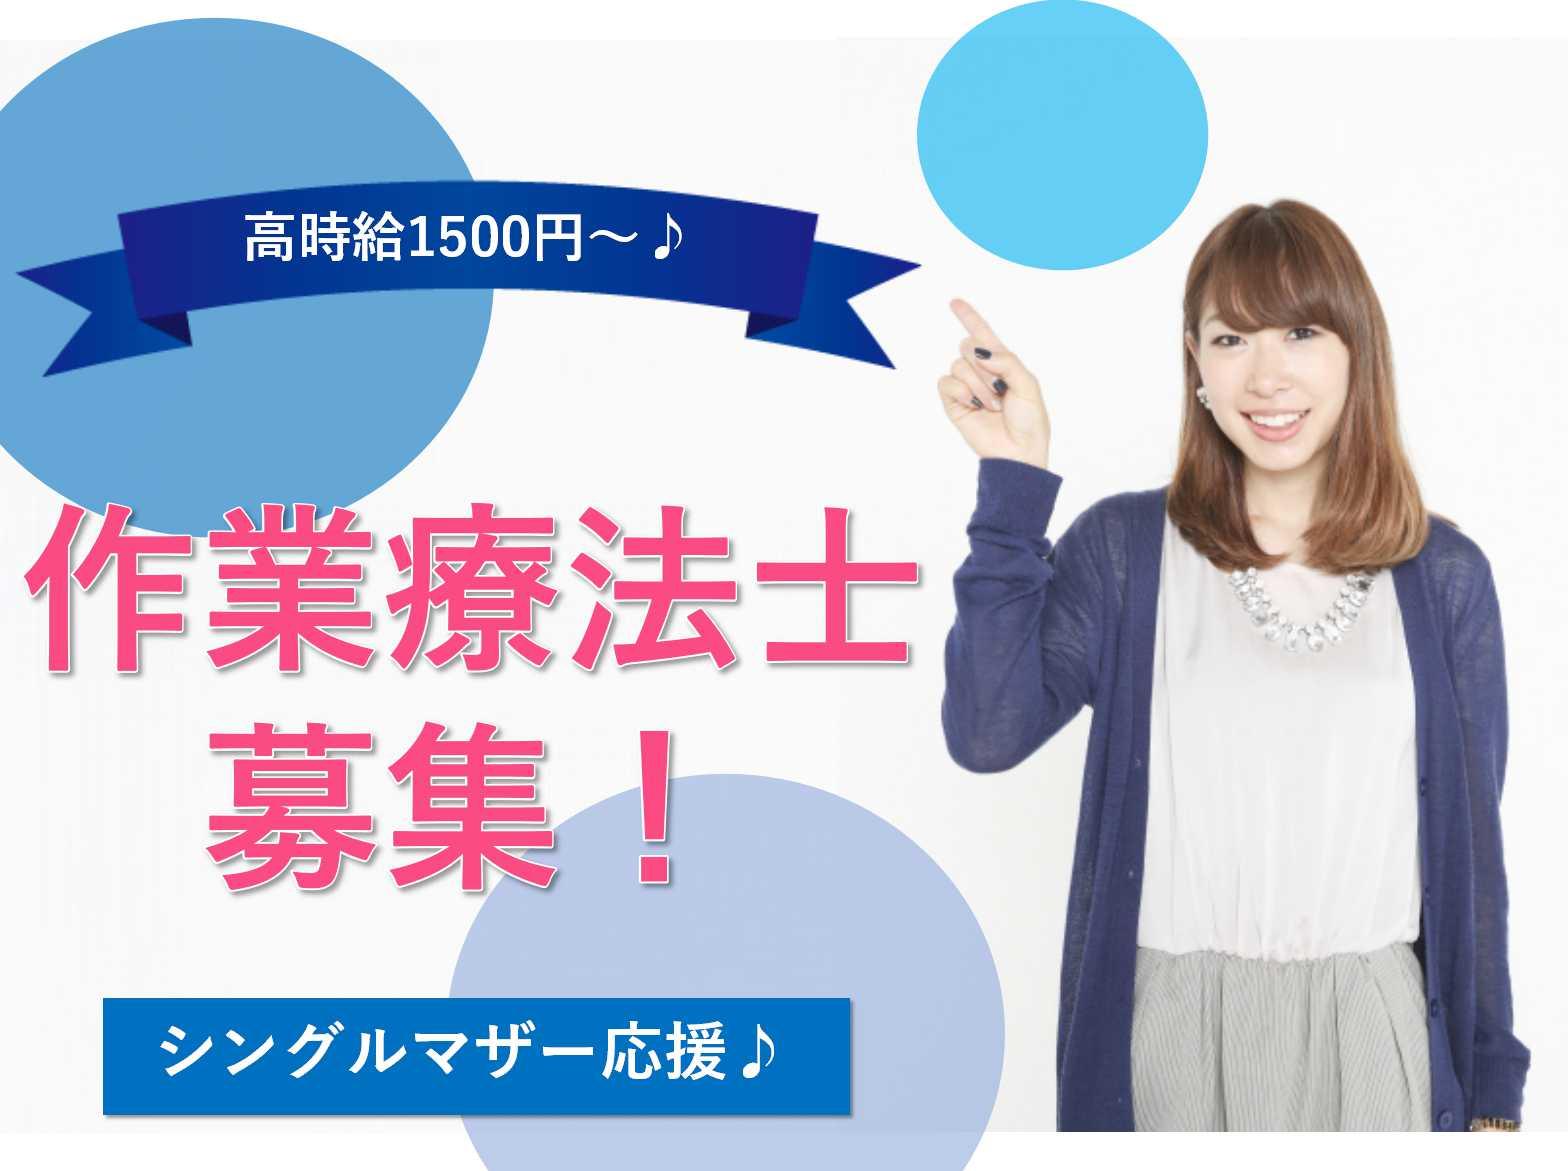 1日5時間程度!高時給1500円~!作業療法士募集! イメージ